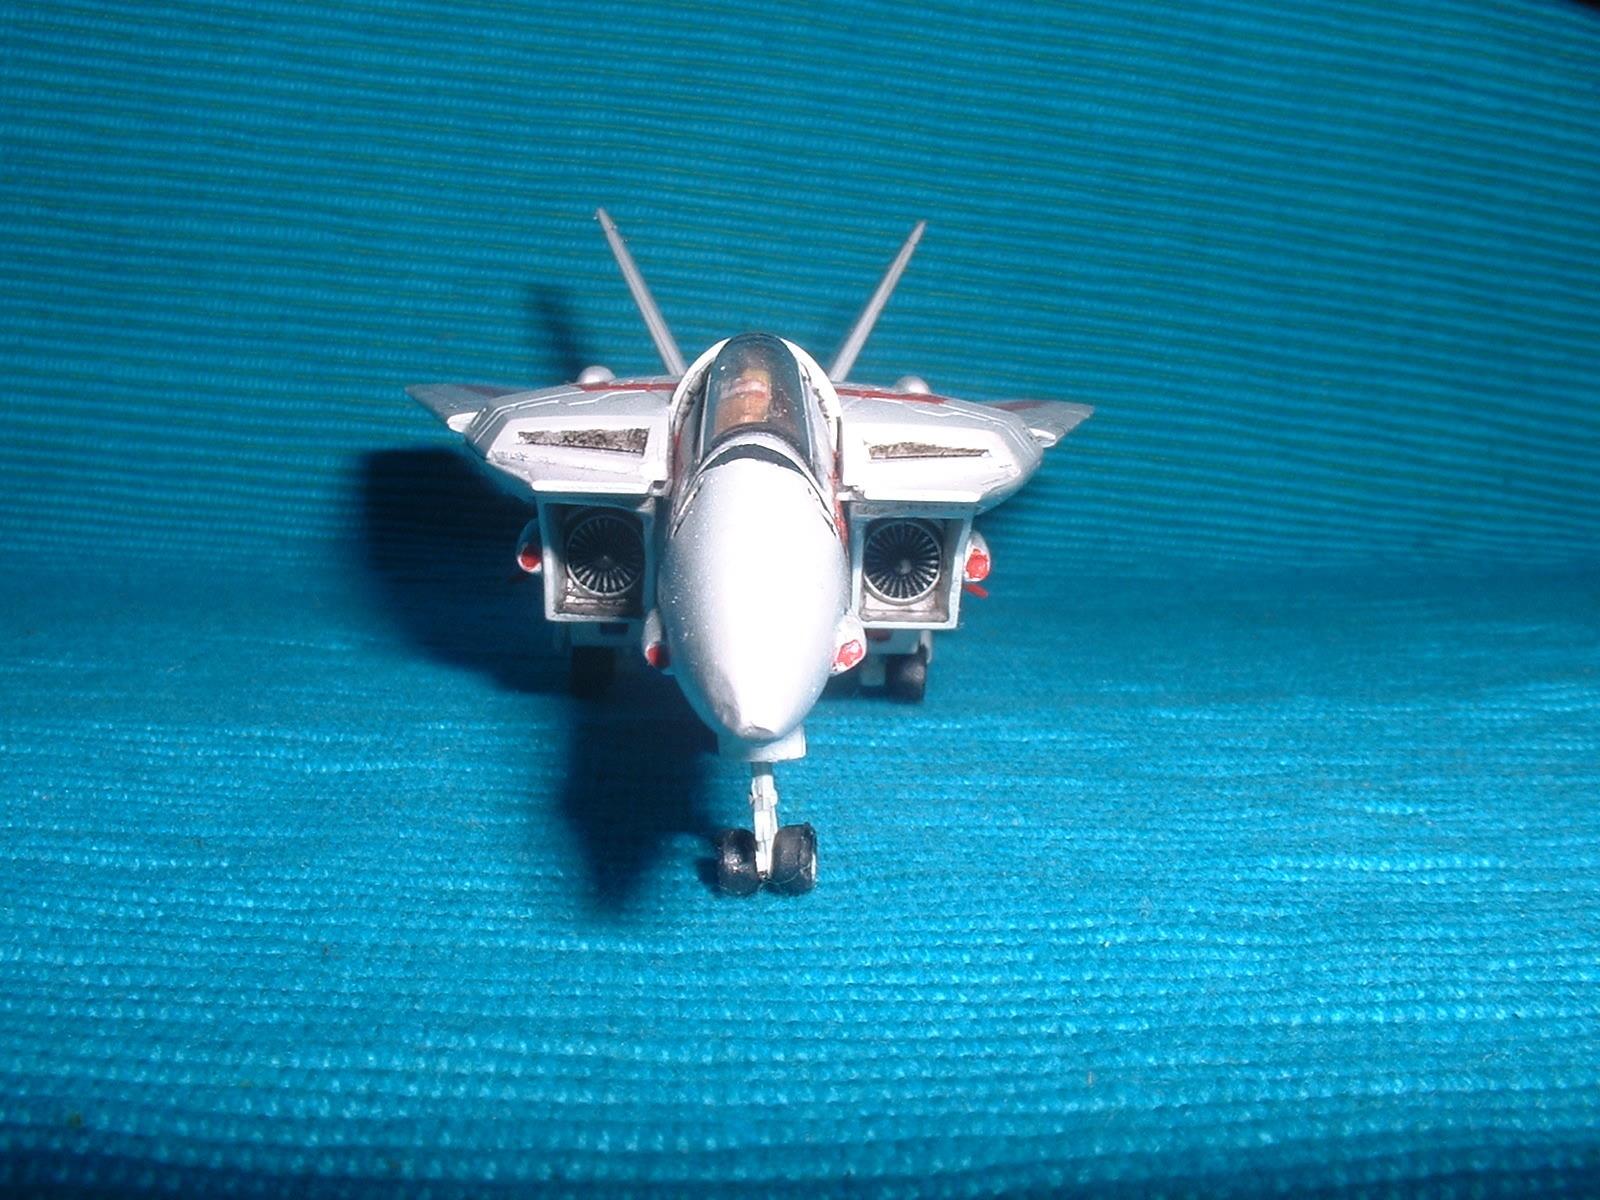 2015.07.20 完成 有井 100分の1 「VF-1J ファイター」その6 Doburoku-TAO.JPG